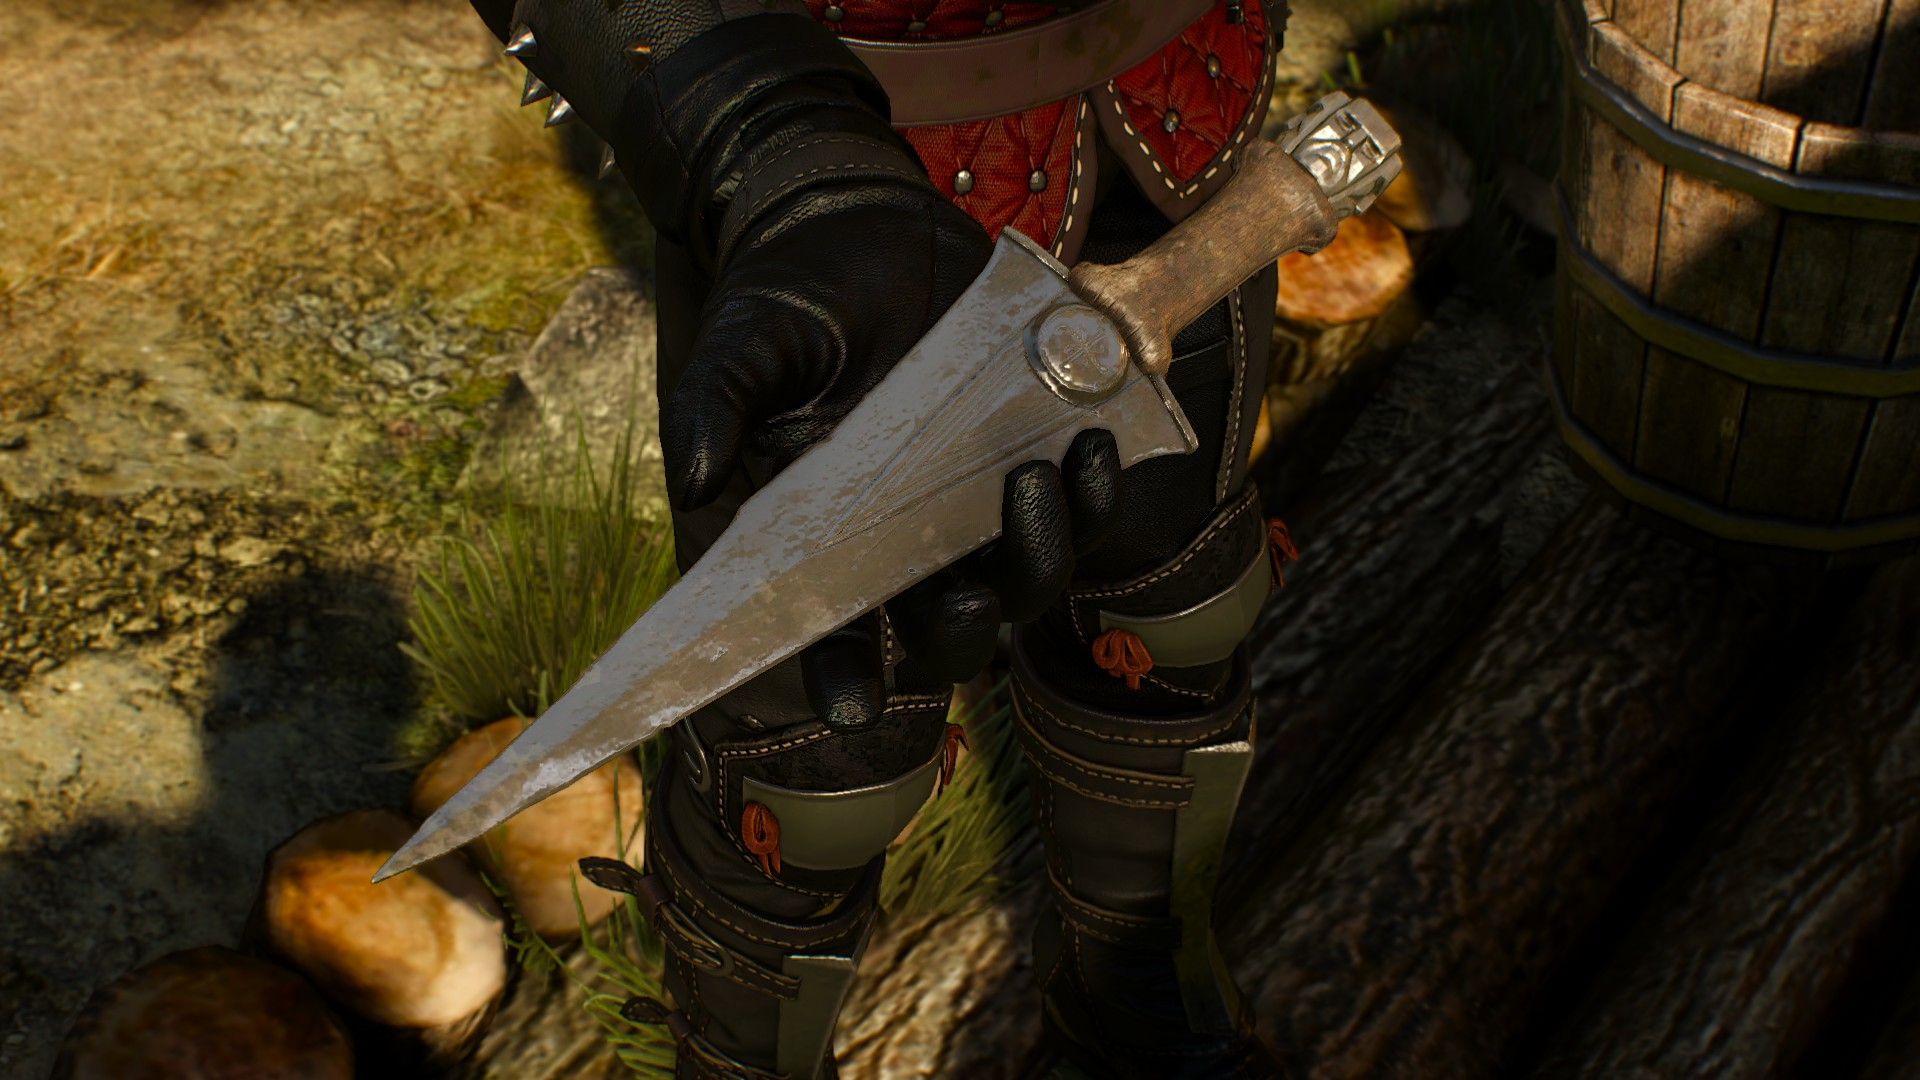 20180929232300_1.jpg - Witcher 3: Wild Hunt, the